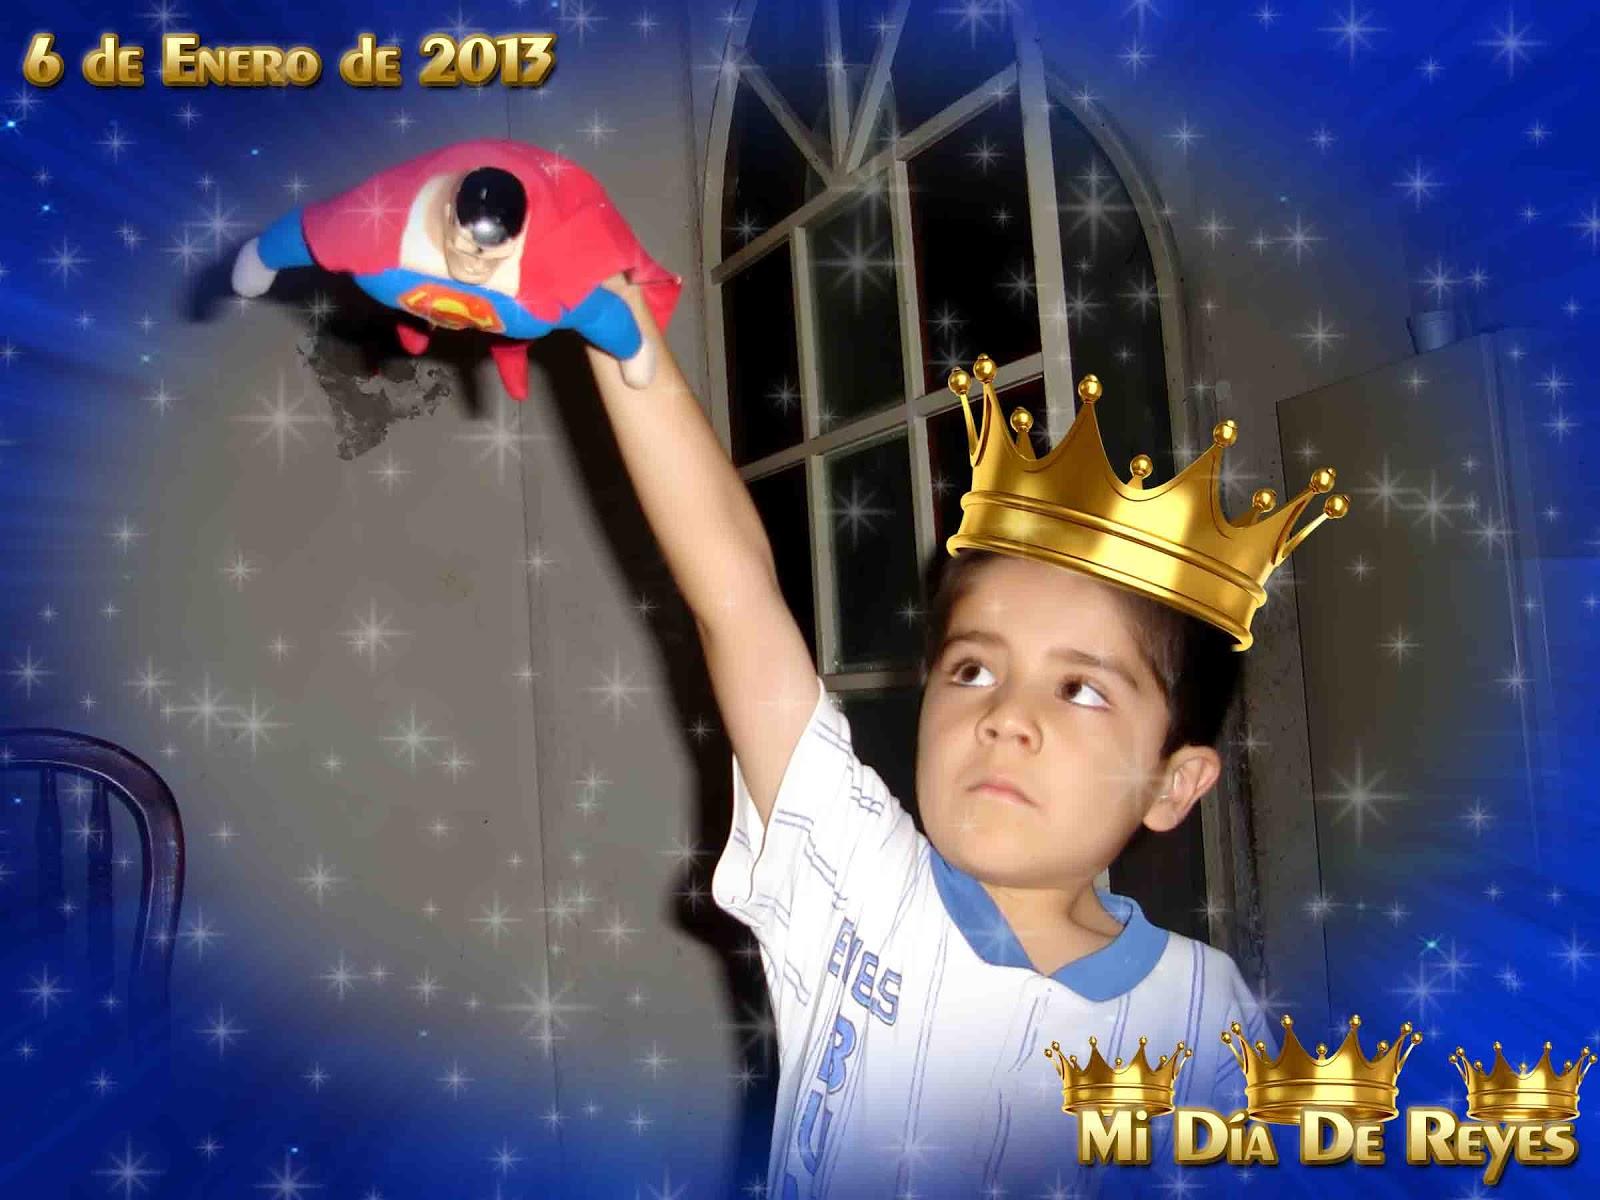 Dias De Reyes Magos Descargar marcos en psd y png para descargar gratis.: marco para tus